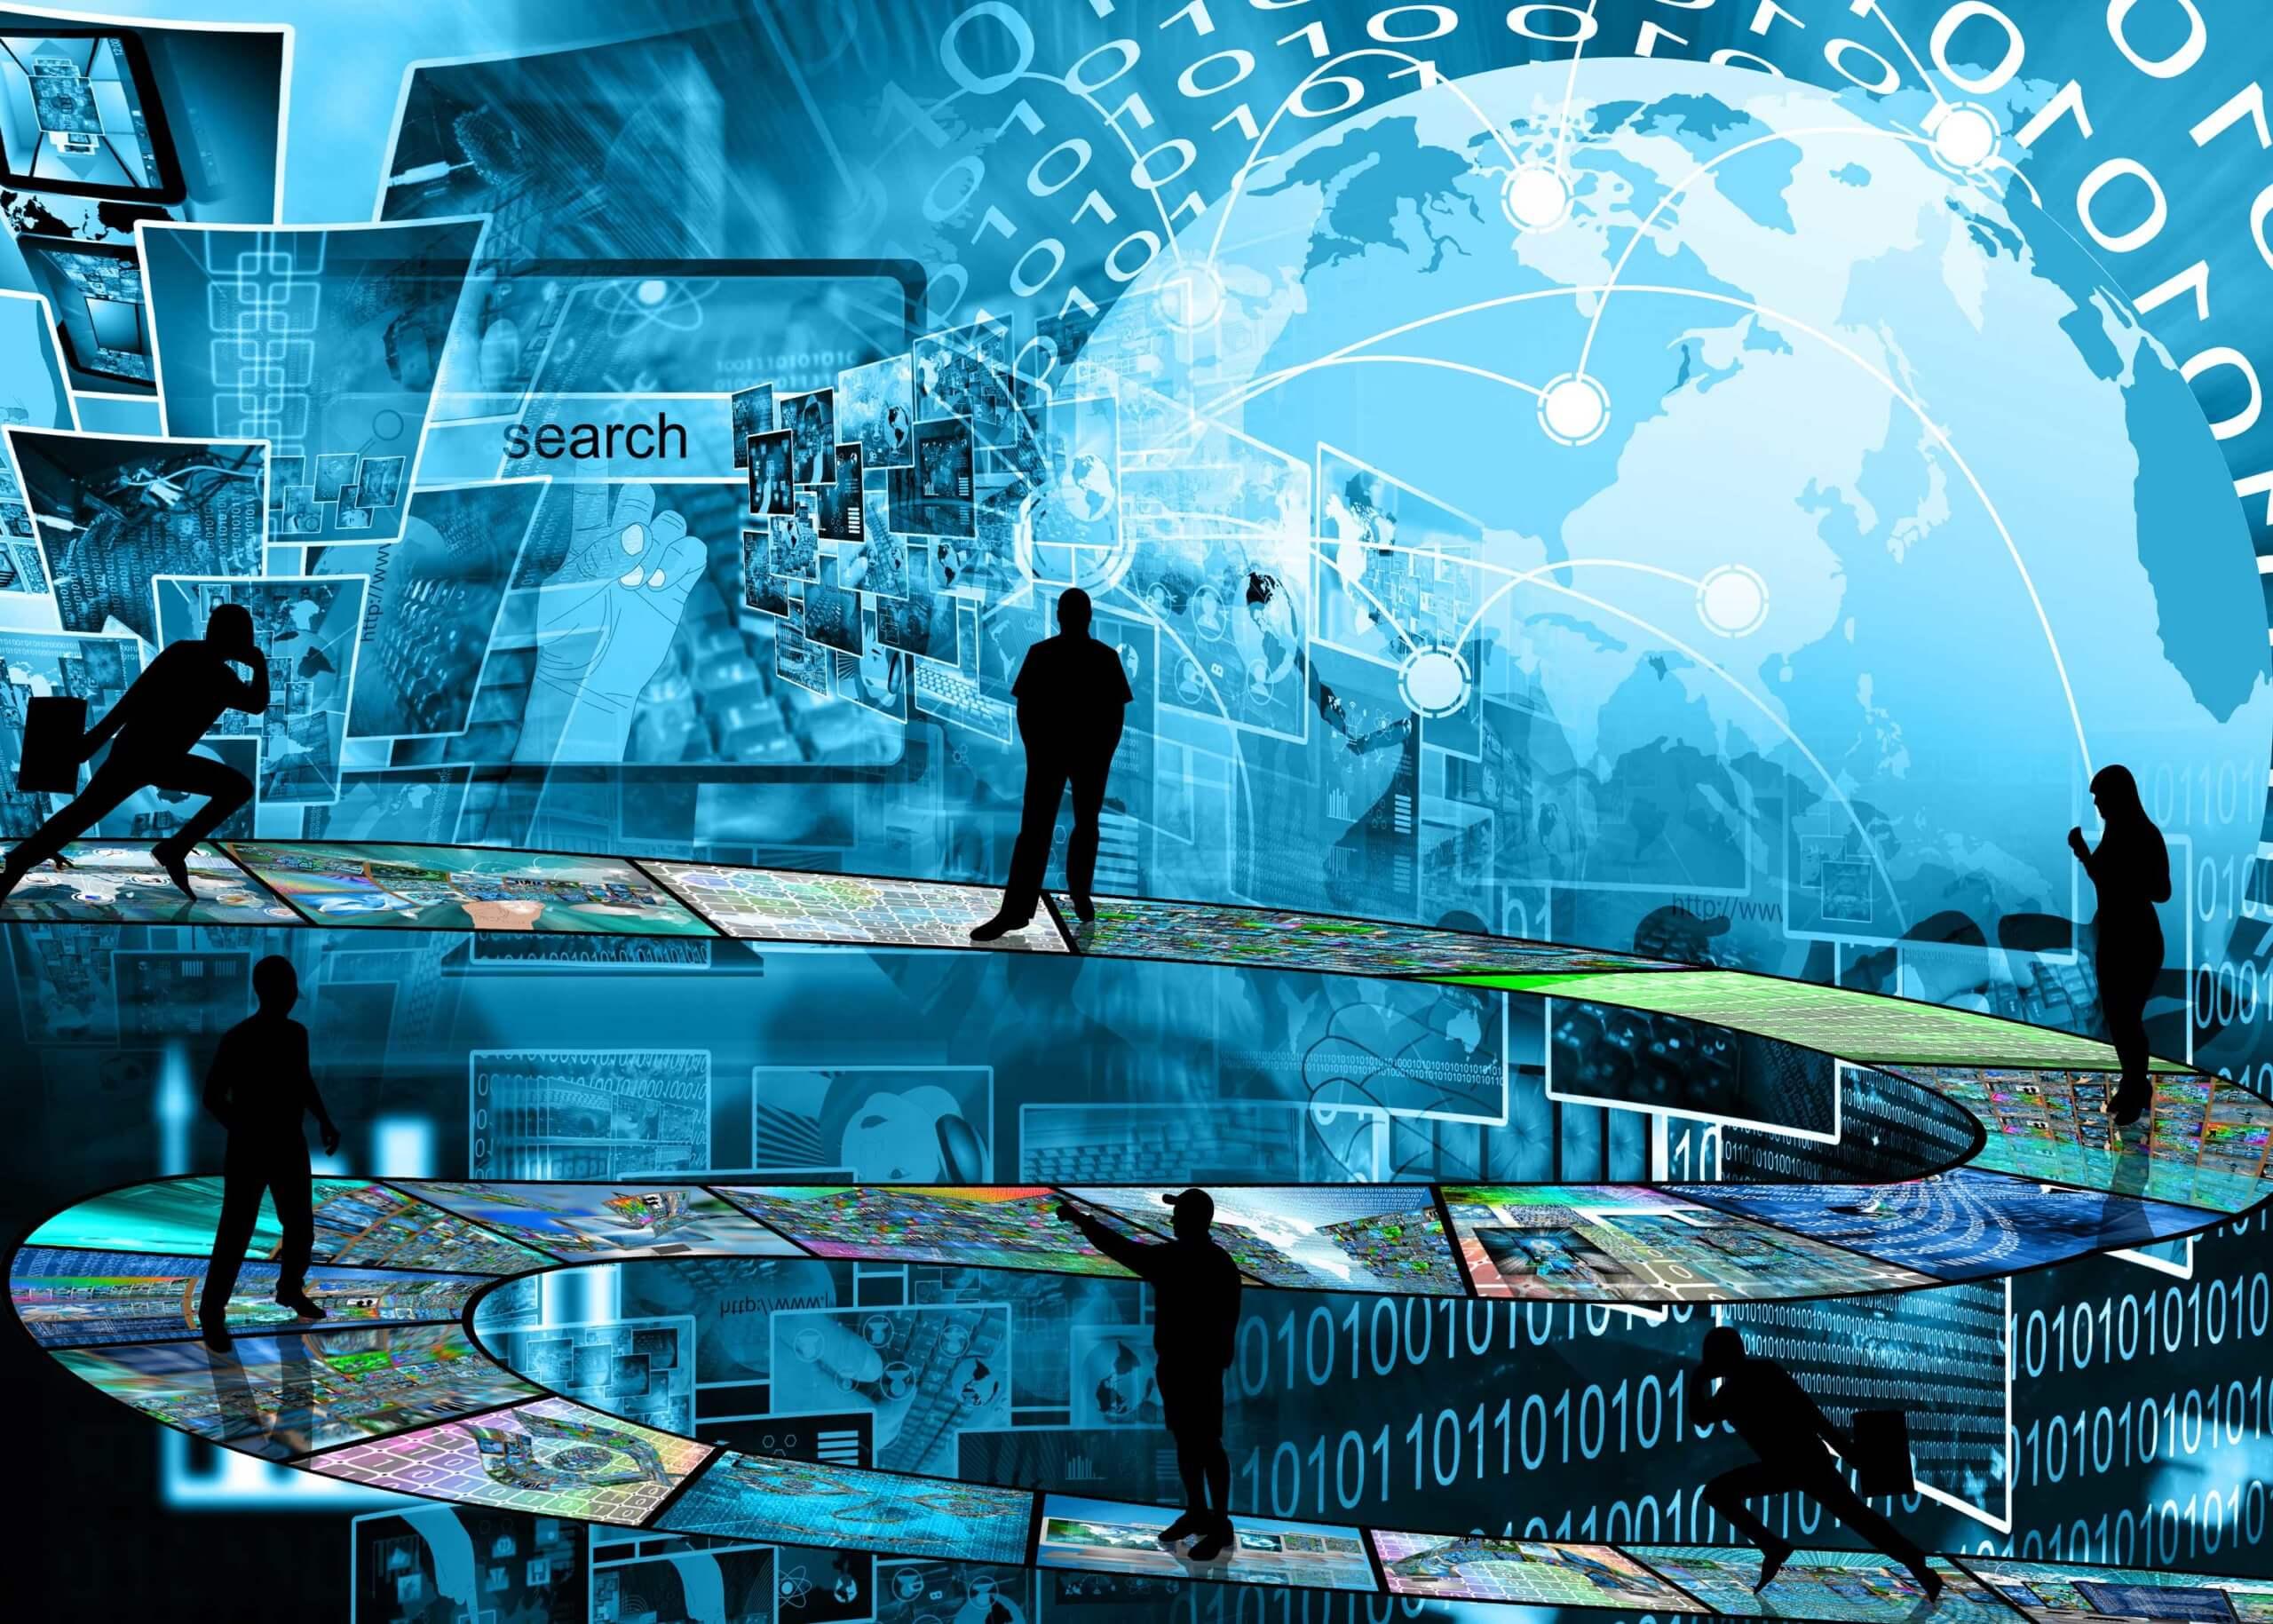 Mehrere menschliche Figuren auf einem Gateway nach oben mit futuristischem Hintergund